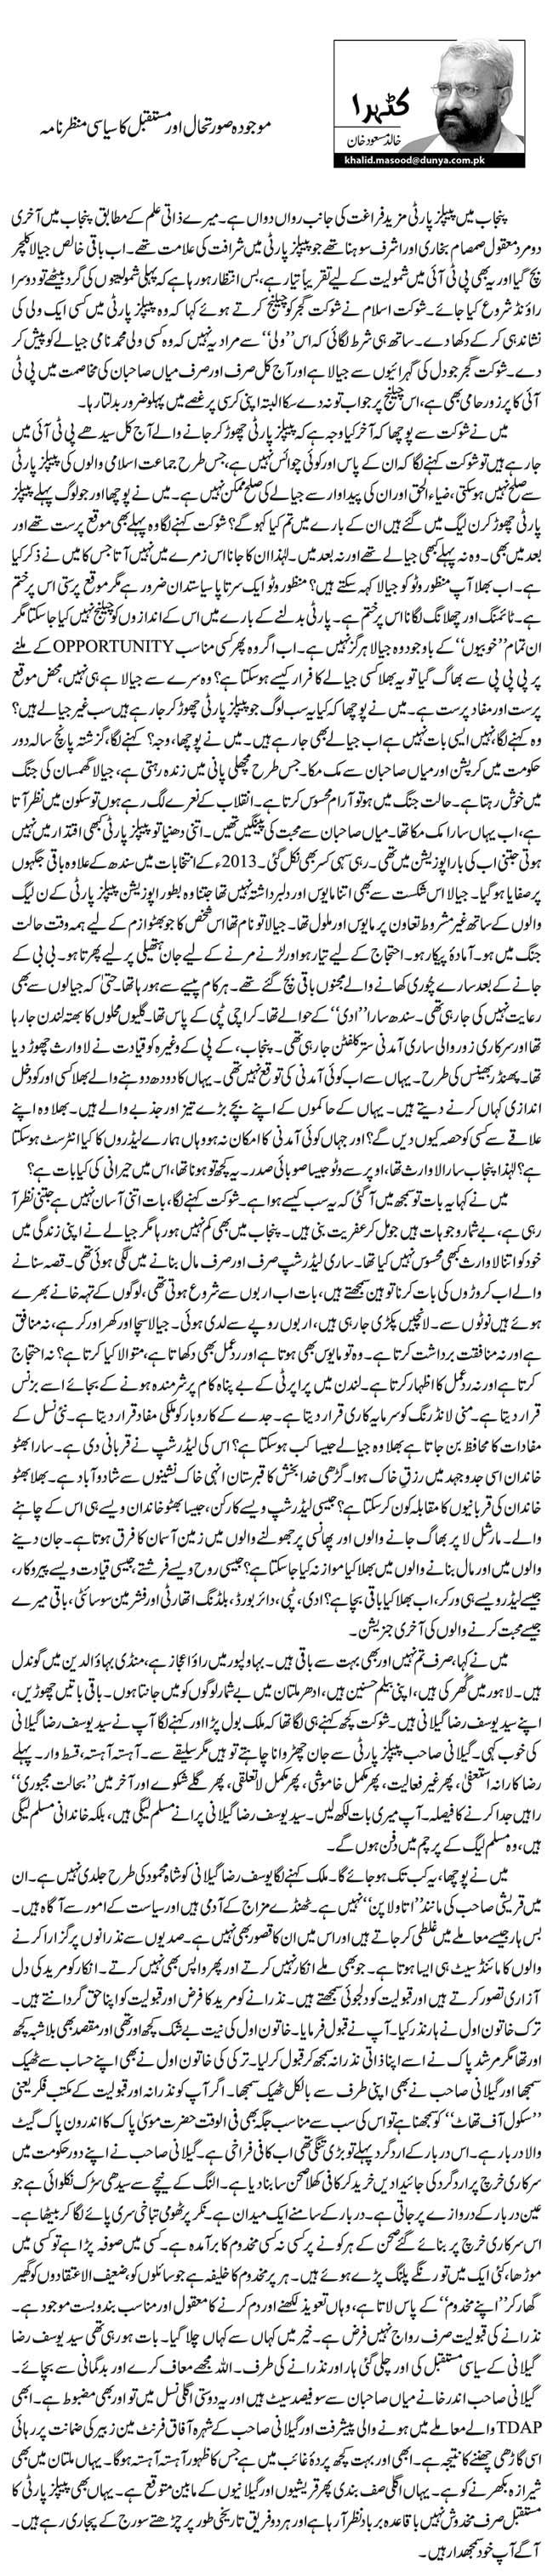 موجودہ صورتحال اور مستقبل کا سیاسی منظر نامہ